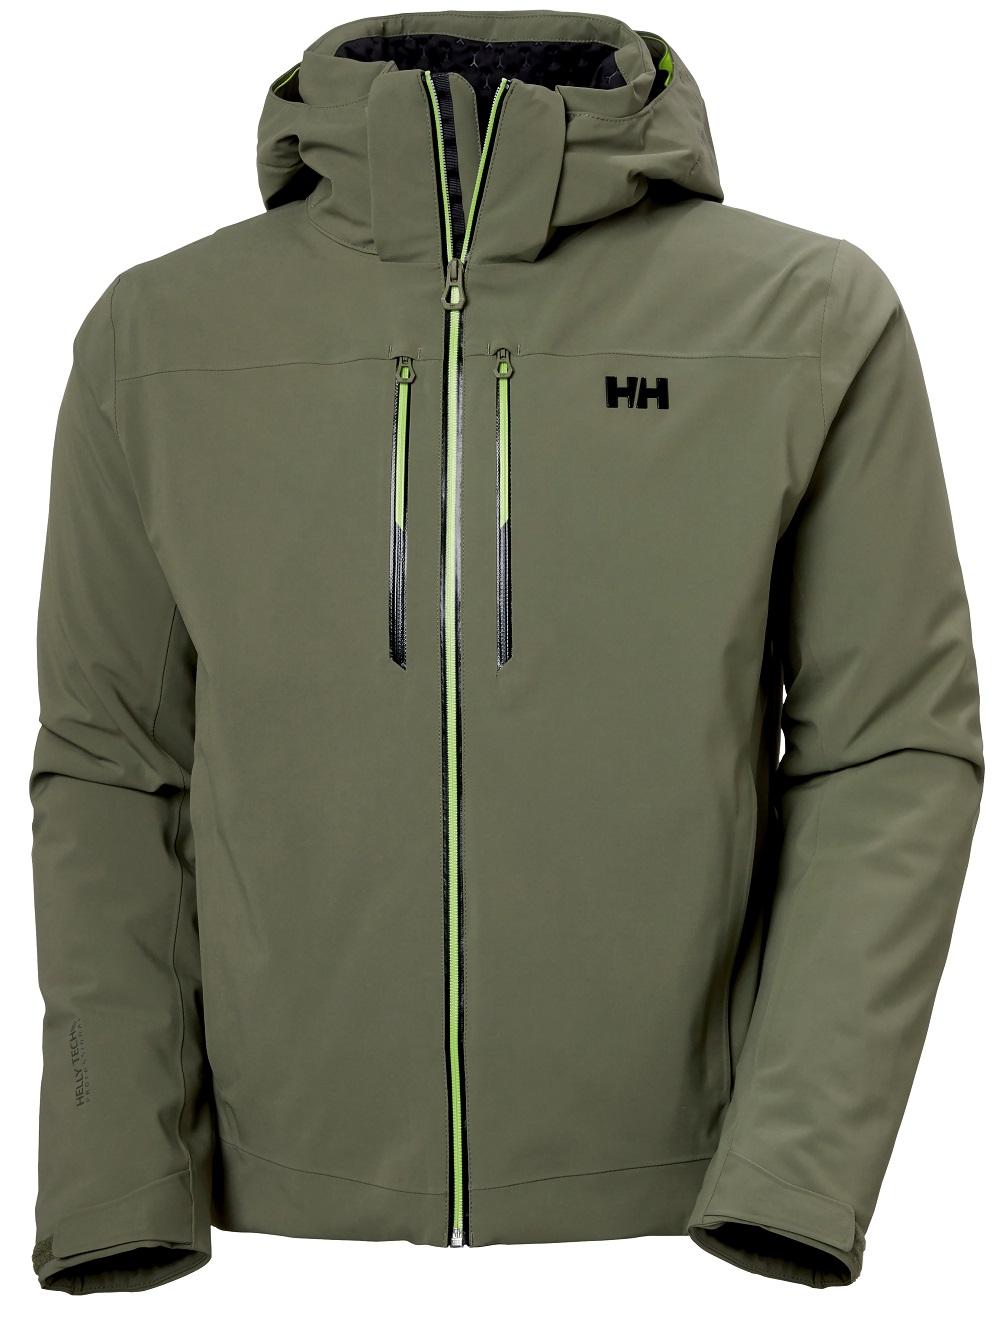 Helly Hansen Mens's Jacket Alpha Lifaloft